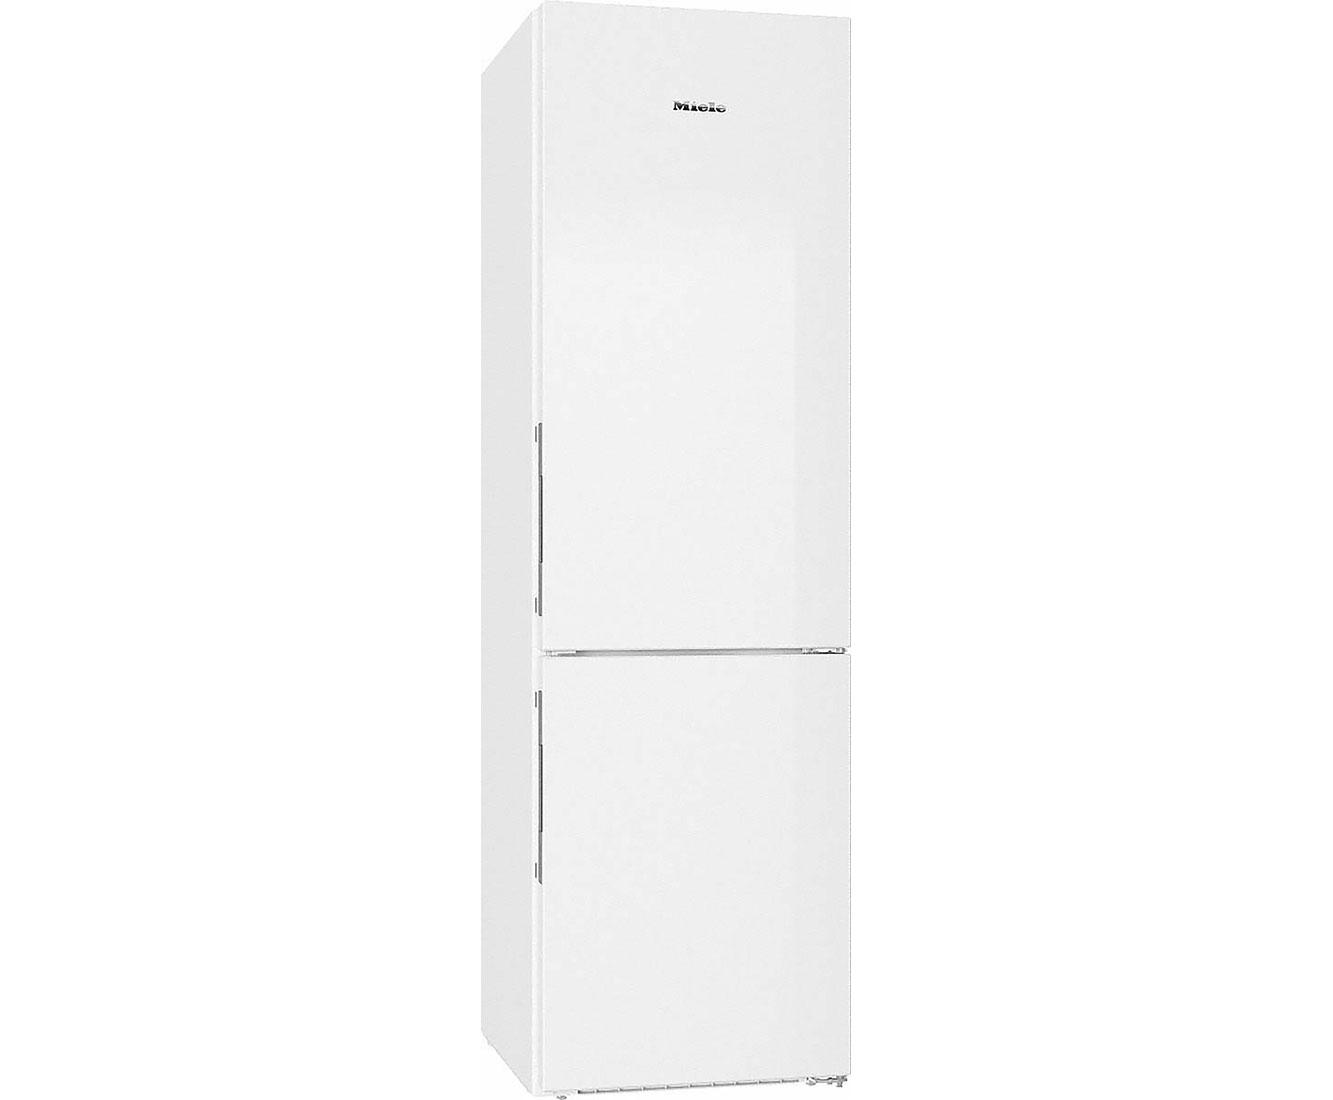 Miele KFN29233D ws Kühl-Gefrierkombinationen - Weiß | Küche und Esszimmer > Küchenelektrogeräte > Kühl-Gefrierkombis | Weiß | Miele